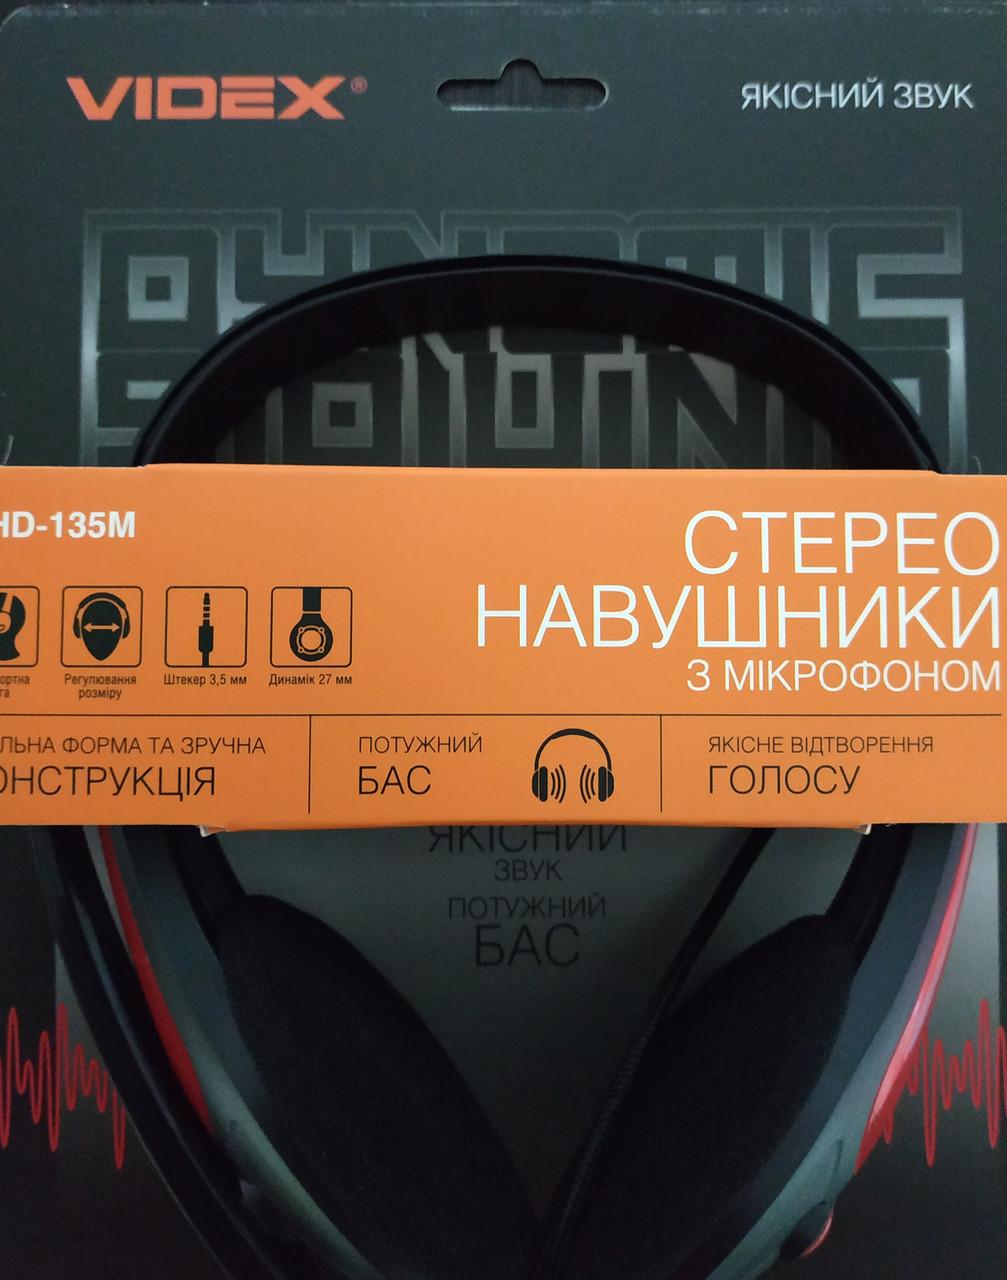 наушники с микрофоном  VIDEX VHD-135M